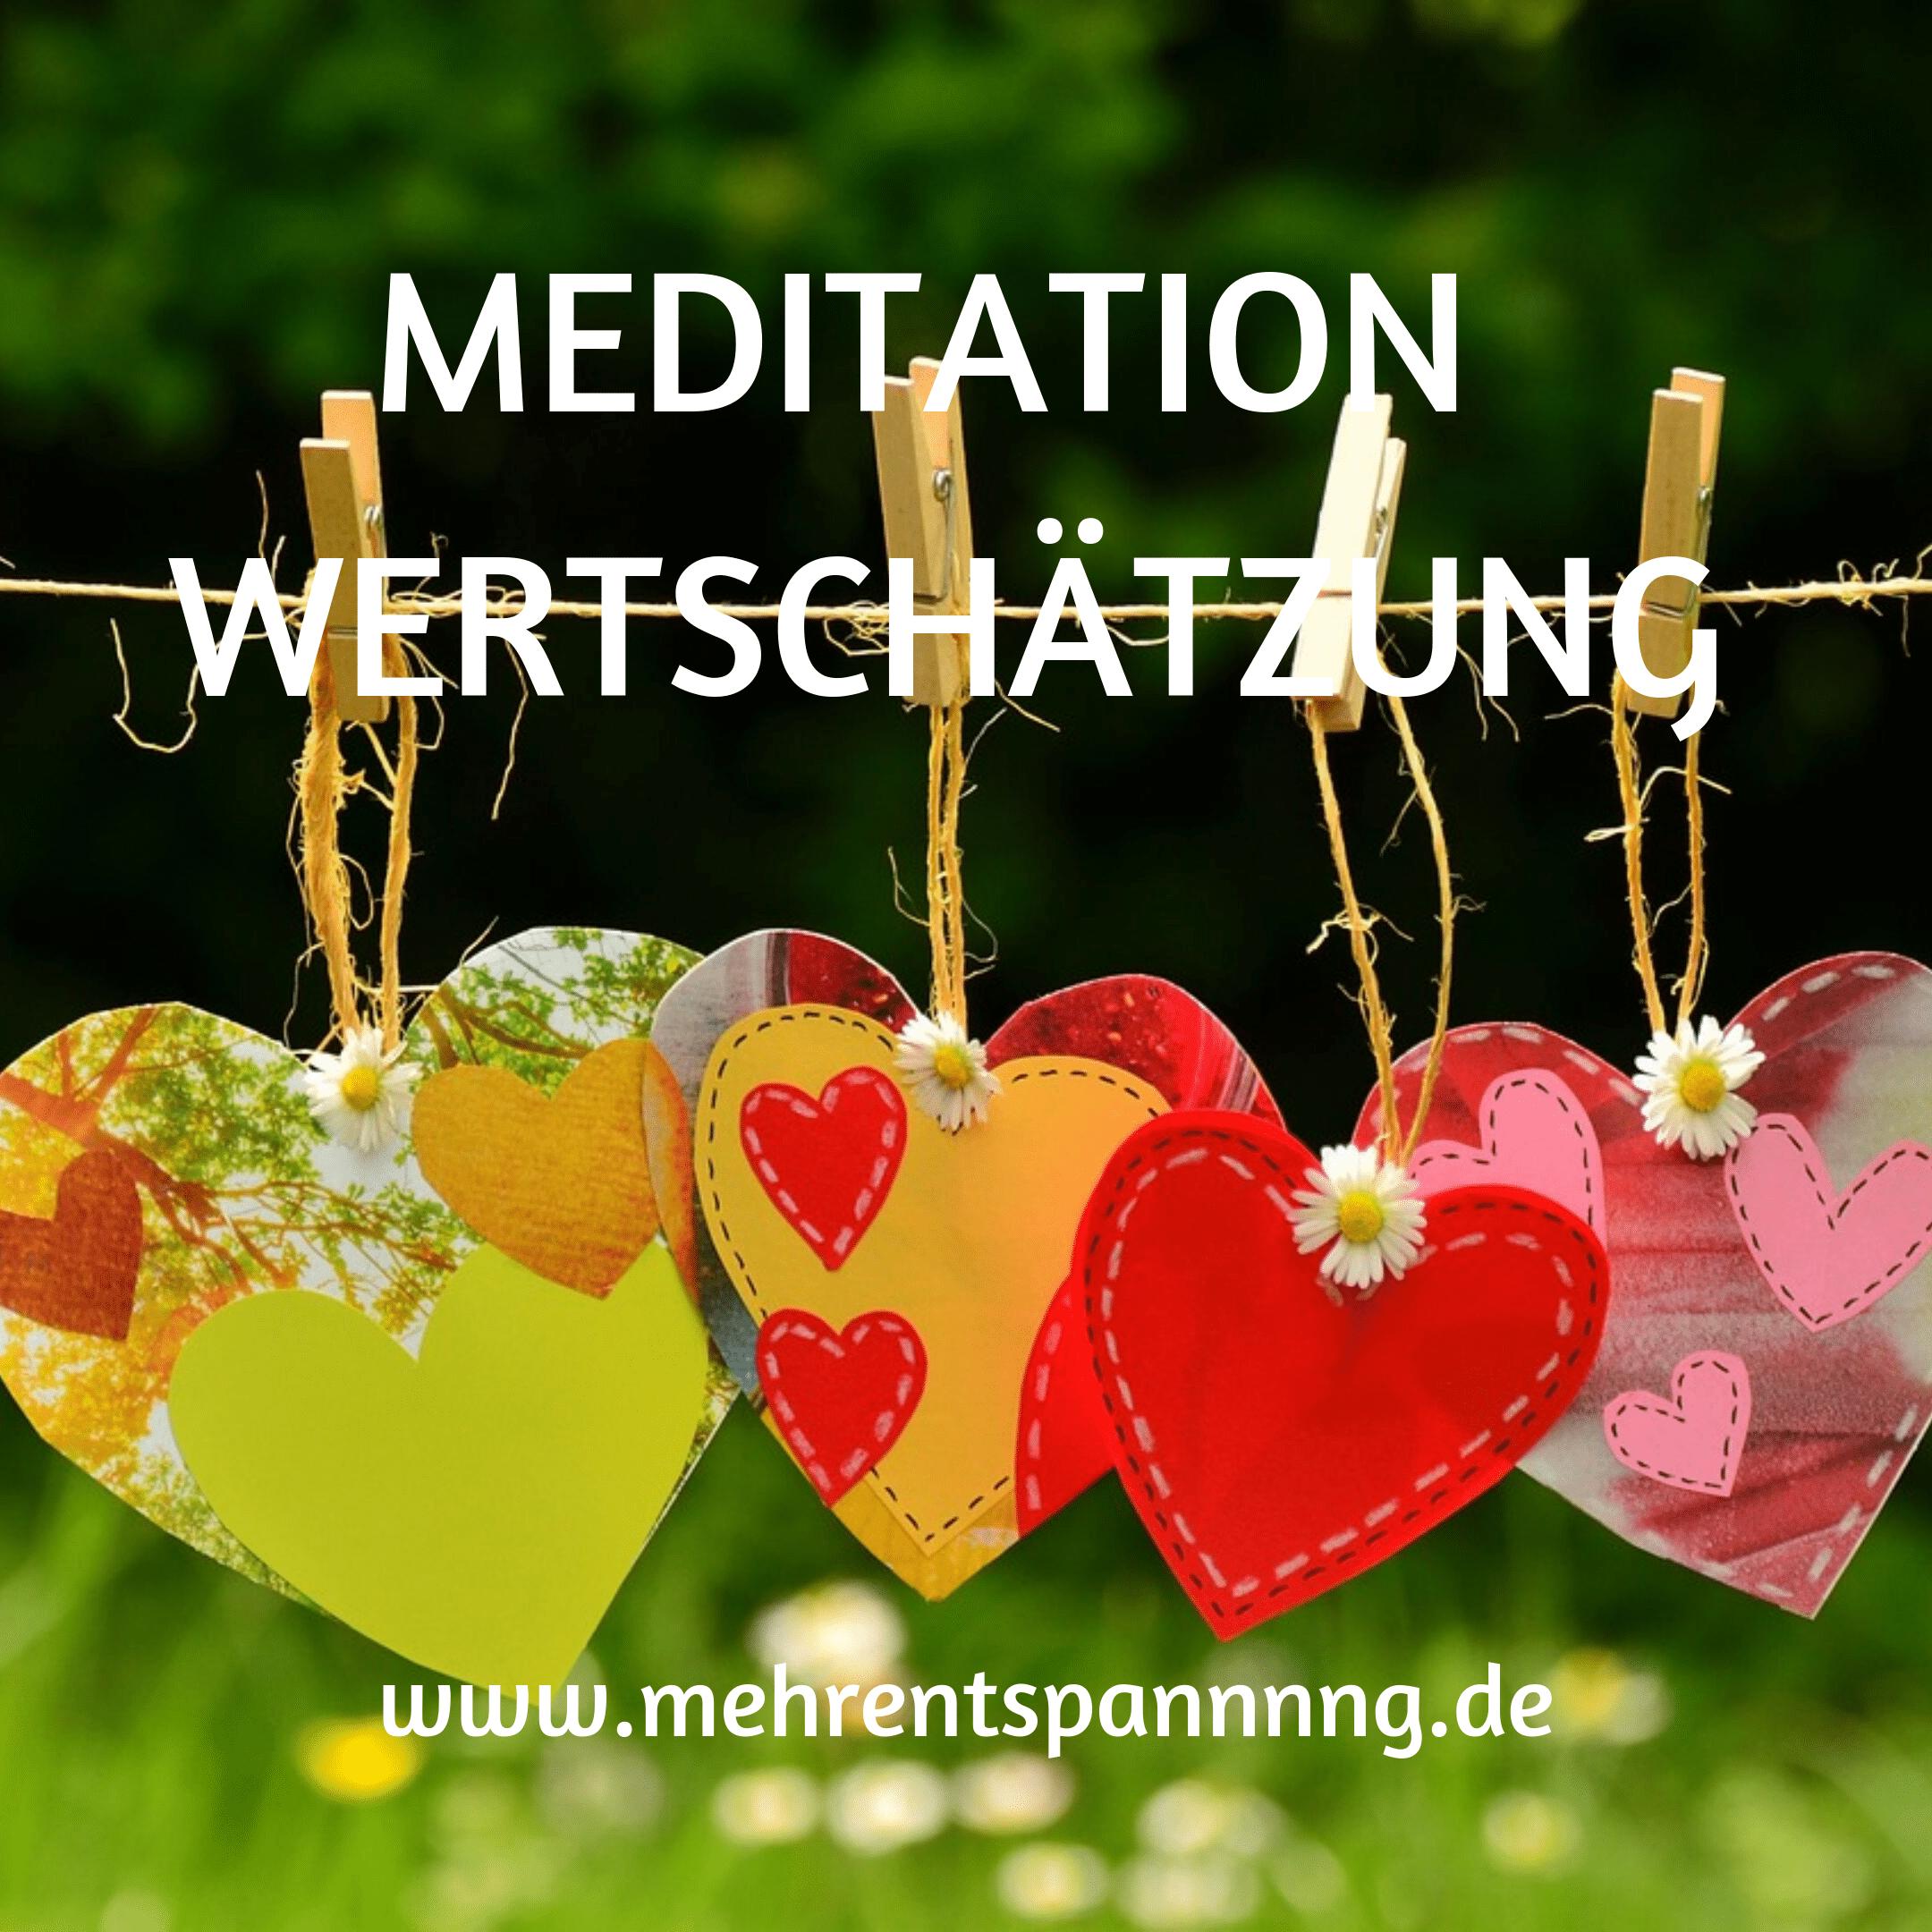 Meditation-Wertschätzung-Anleitung-Bild